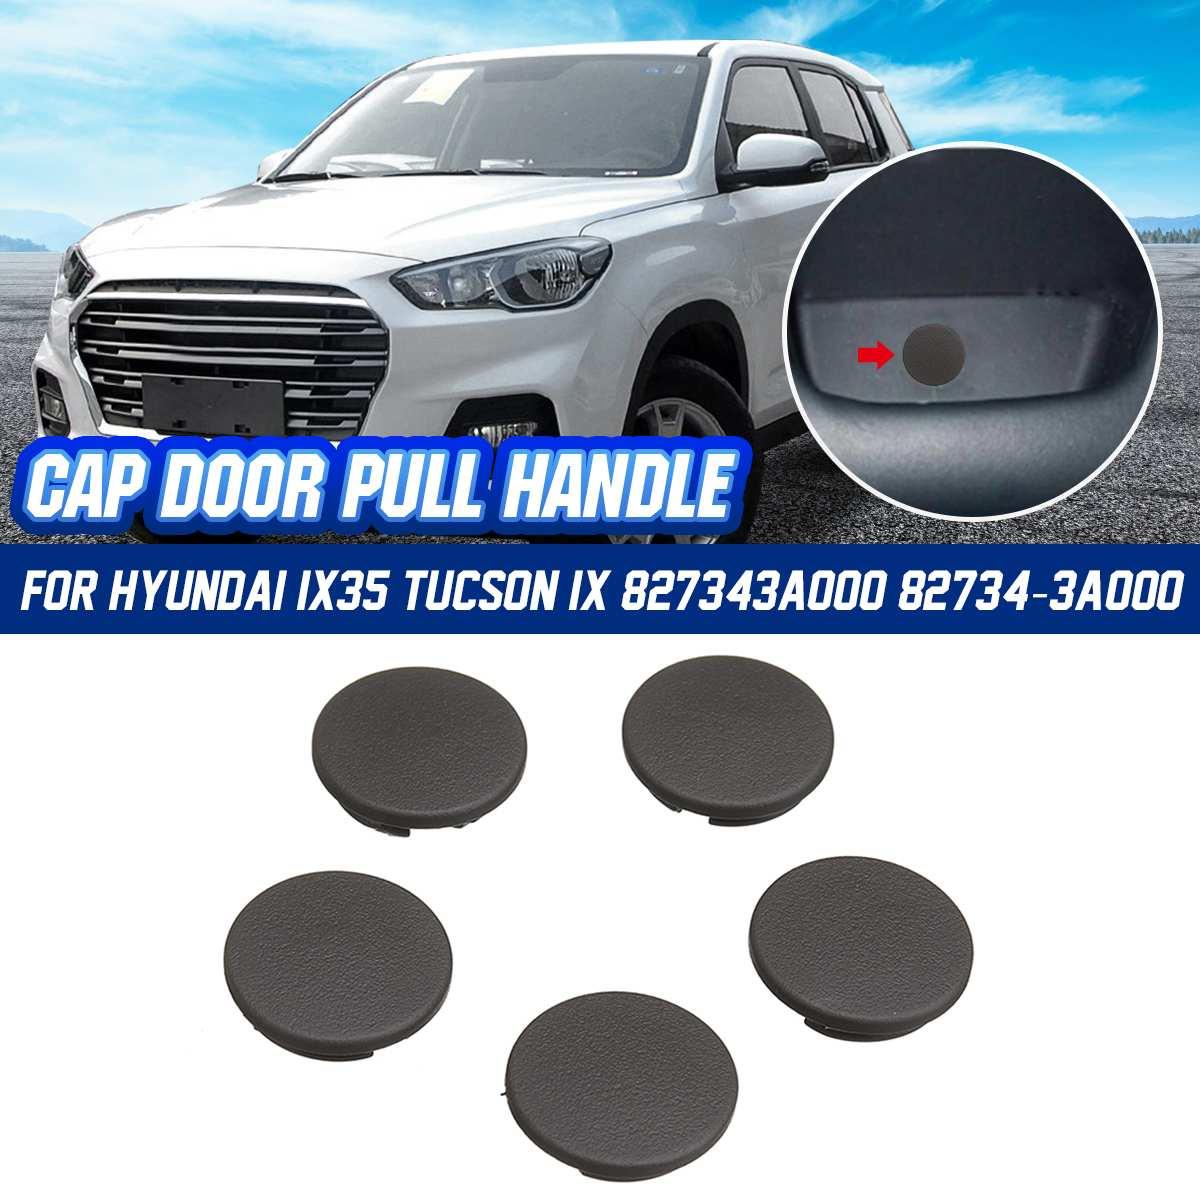 5Pcs Auto Interieur Deur stopper Cap Pull Handvat 827343A000 82734-3A000 Voor Hyundai IX35 Tucson IX